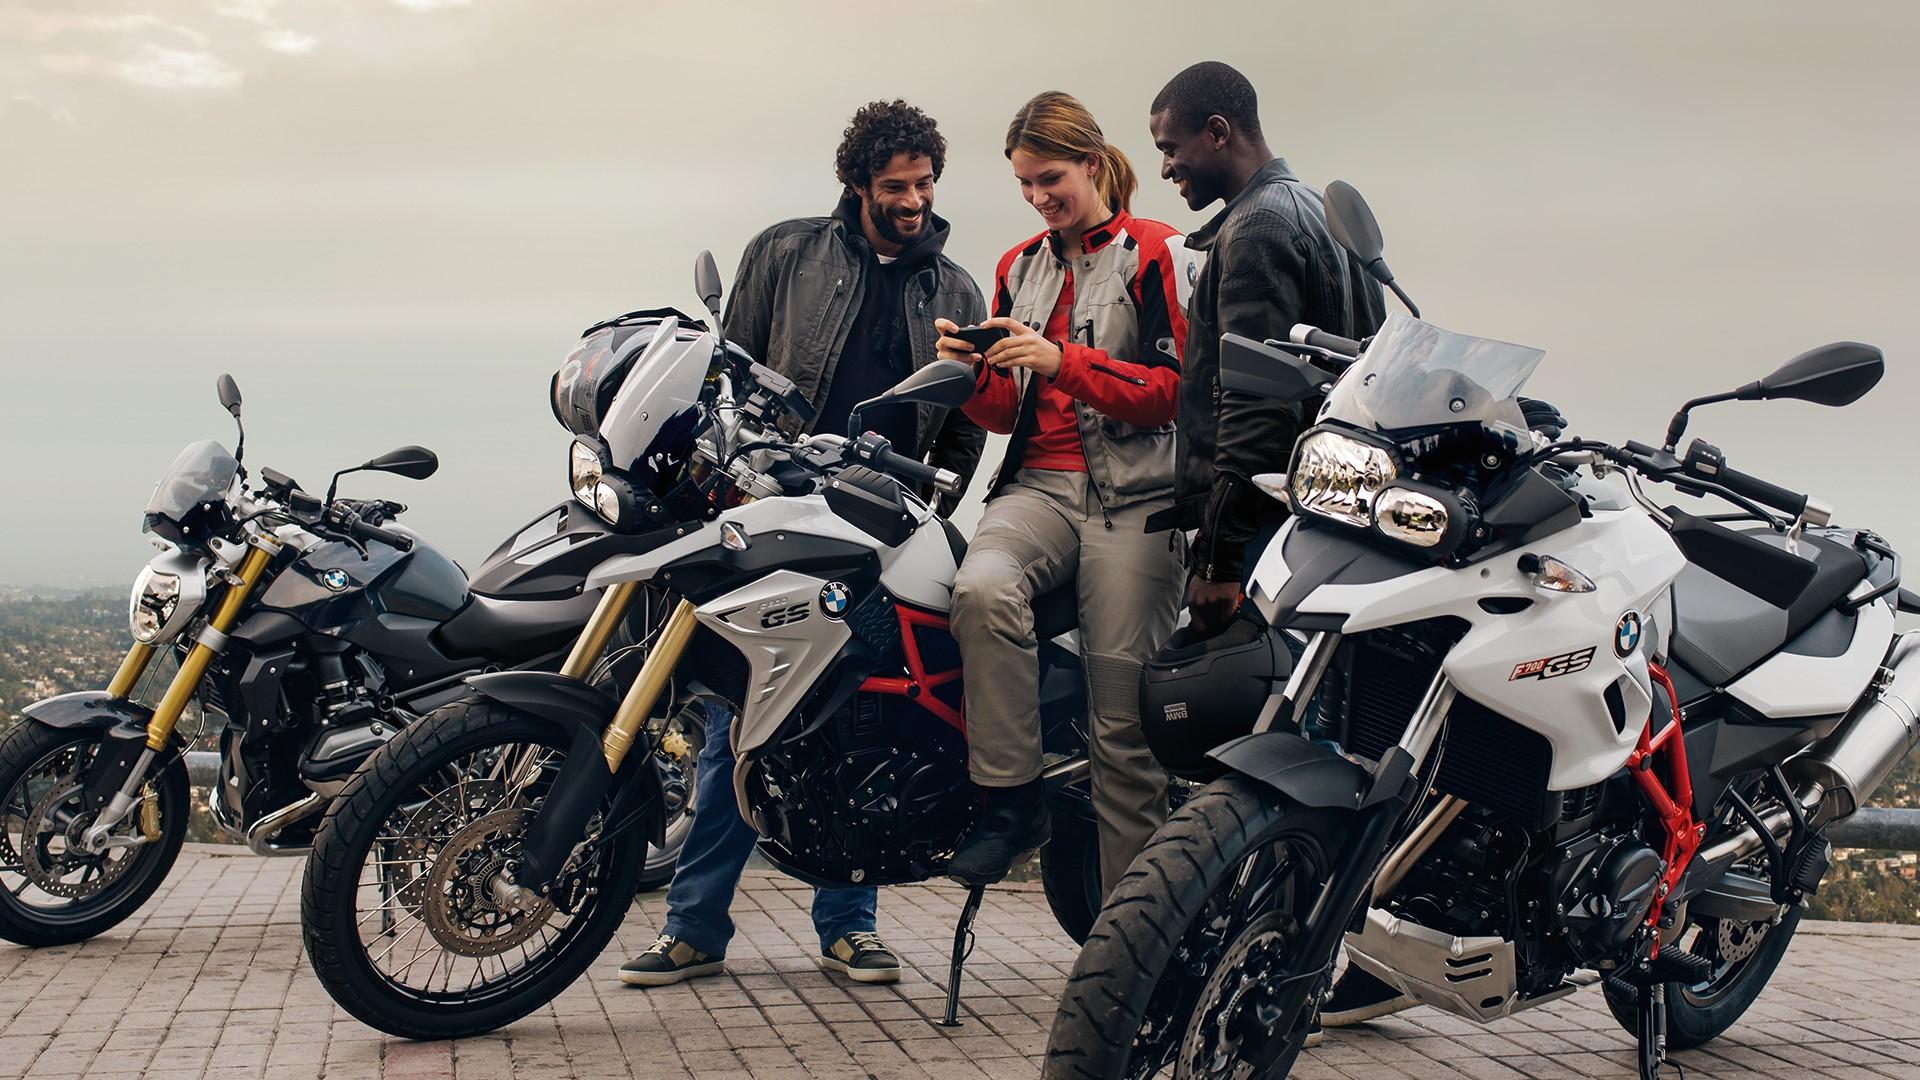 2009 рік - 1 000 000 мотоциклів з ABS